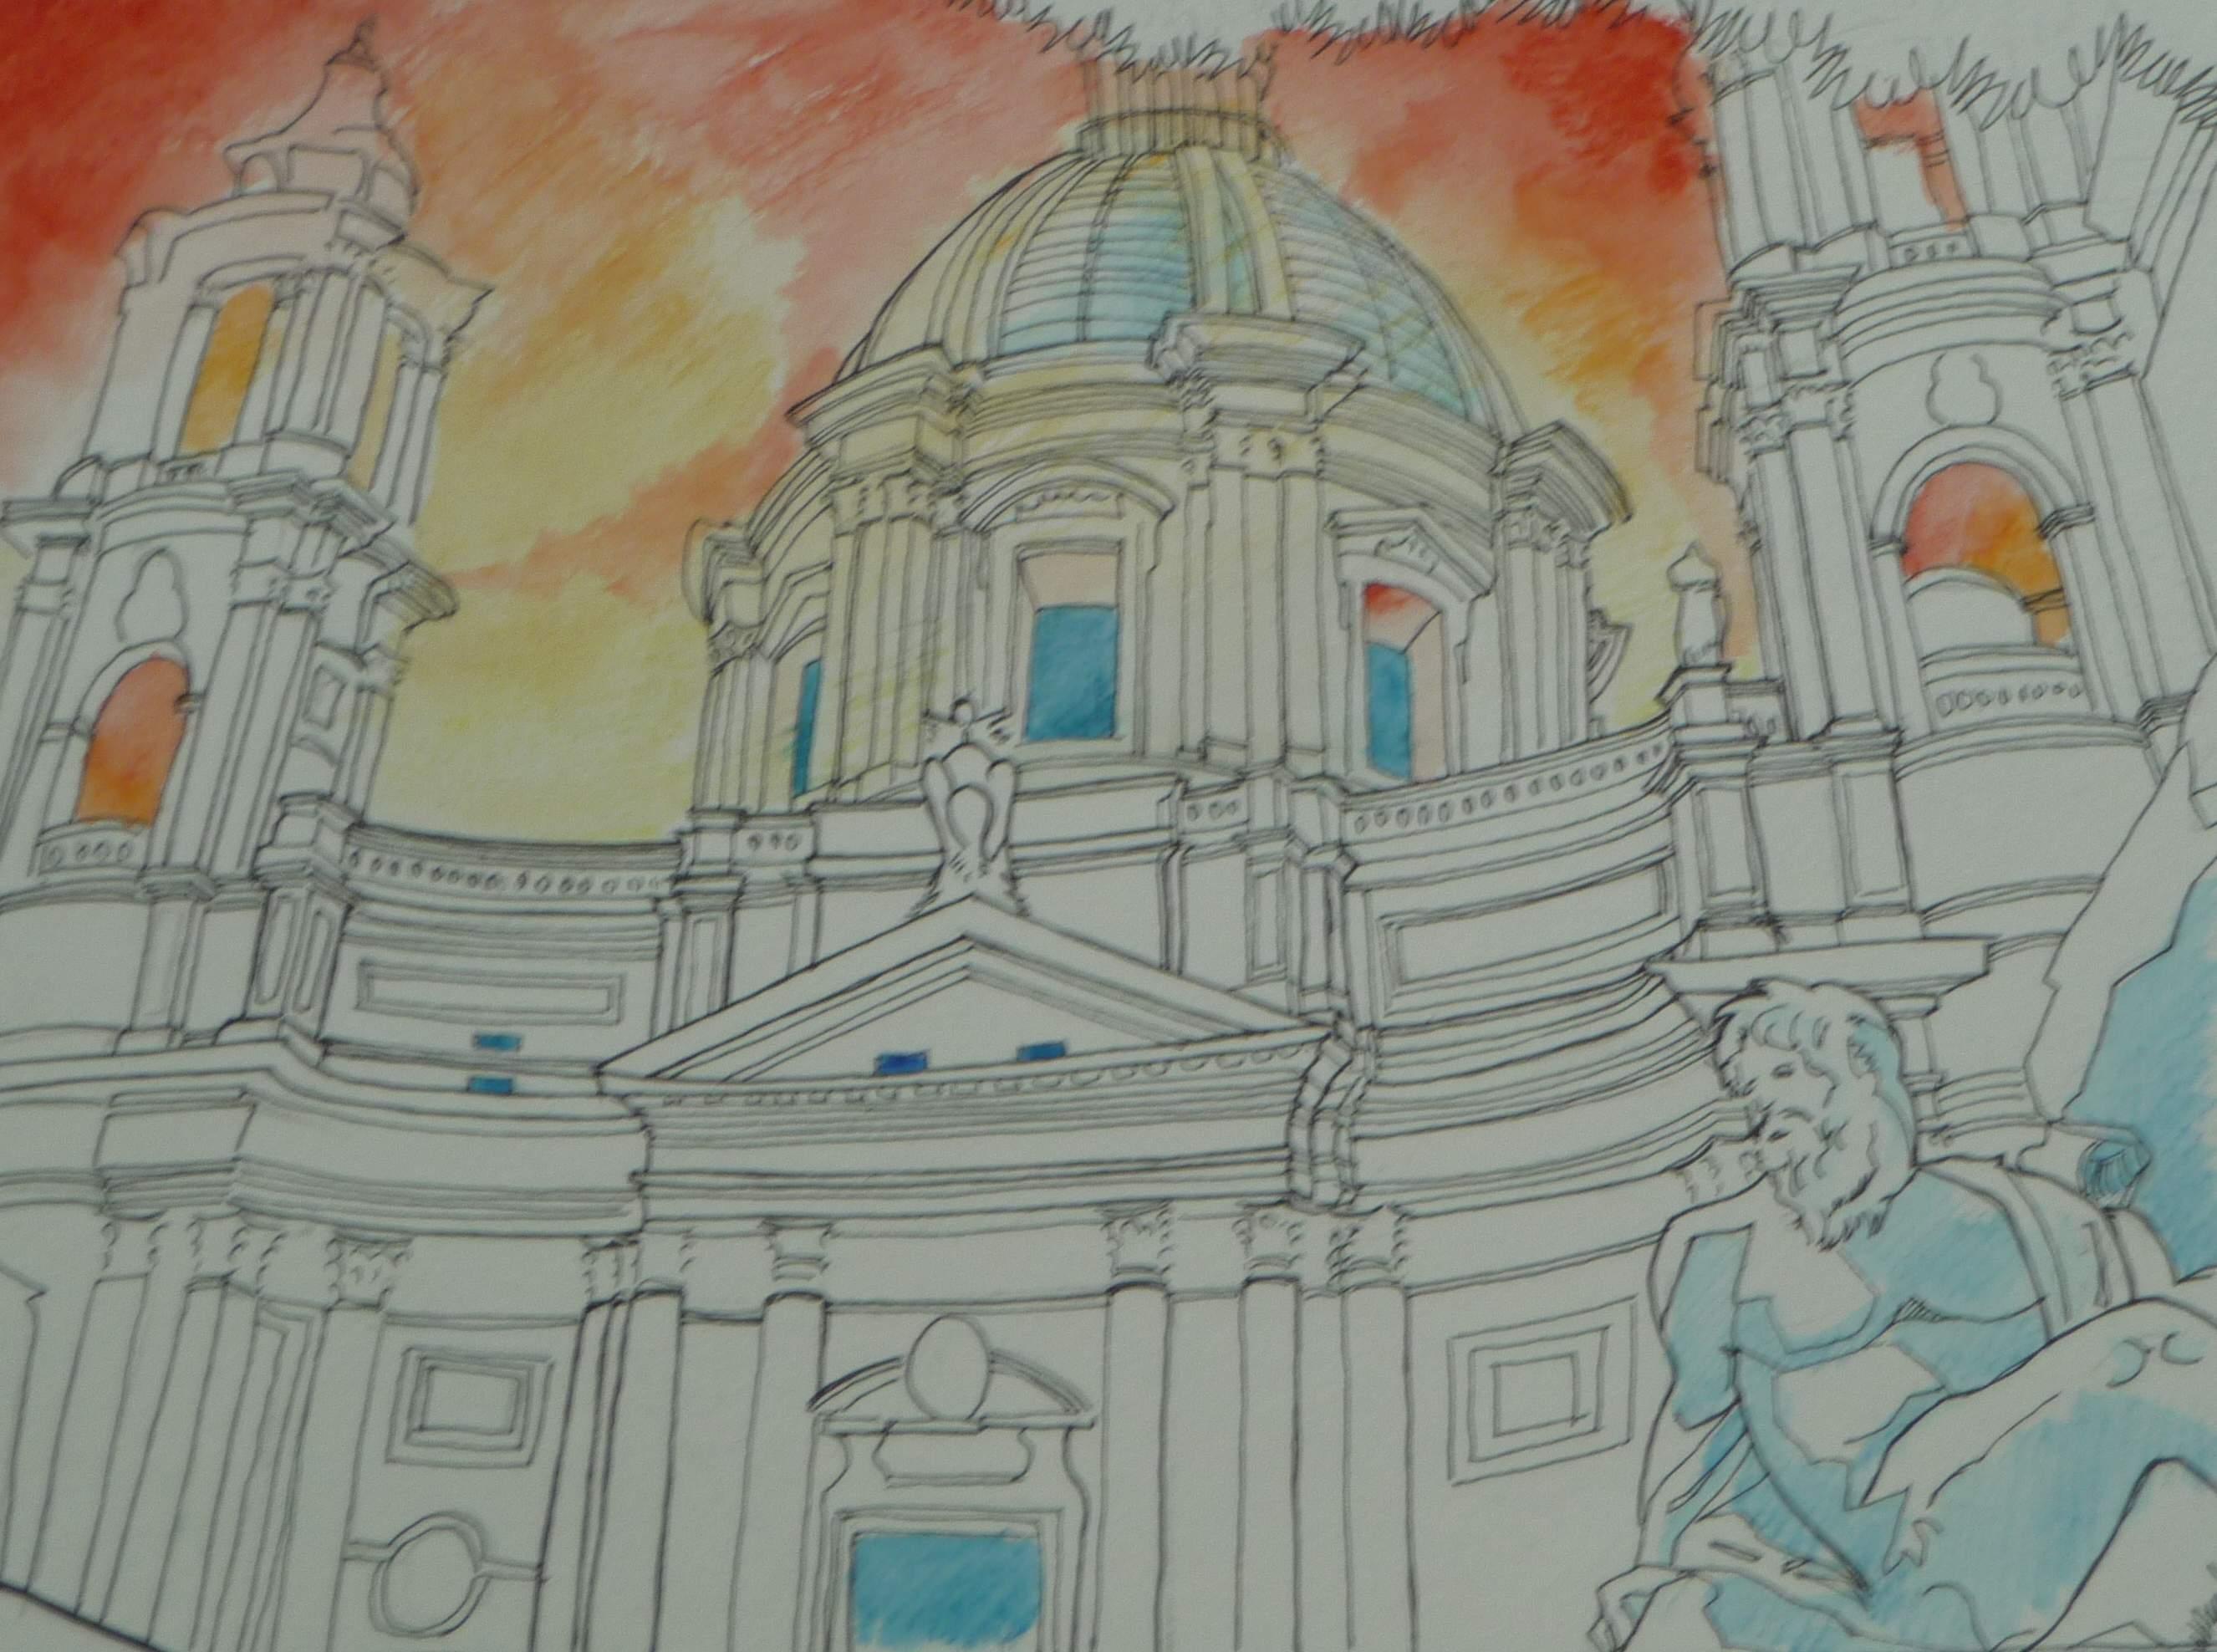 Architektur zeichnen arch blog - Architektur zeichnen ...